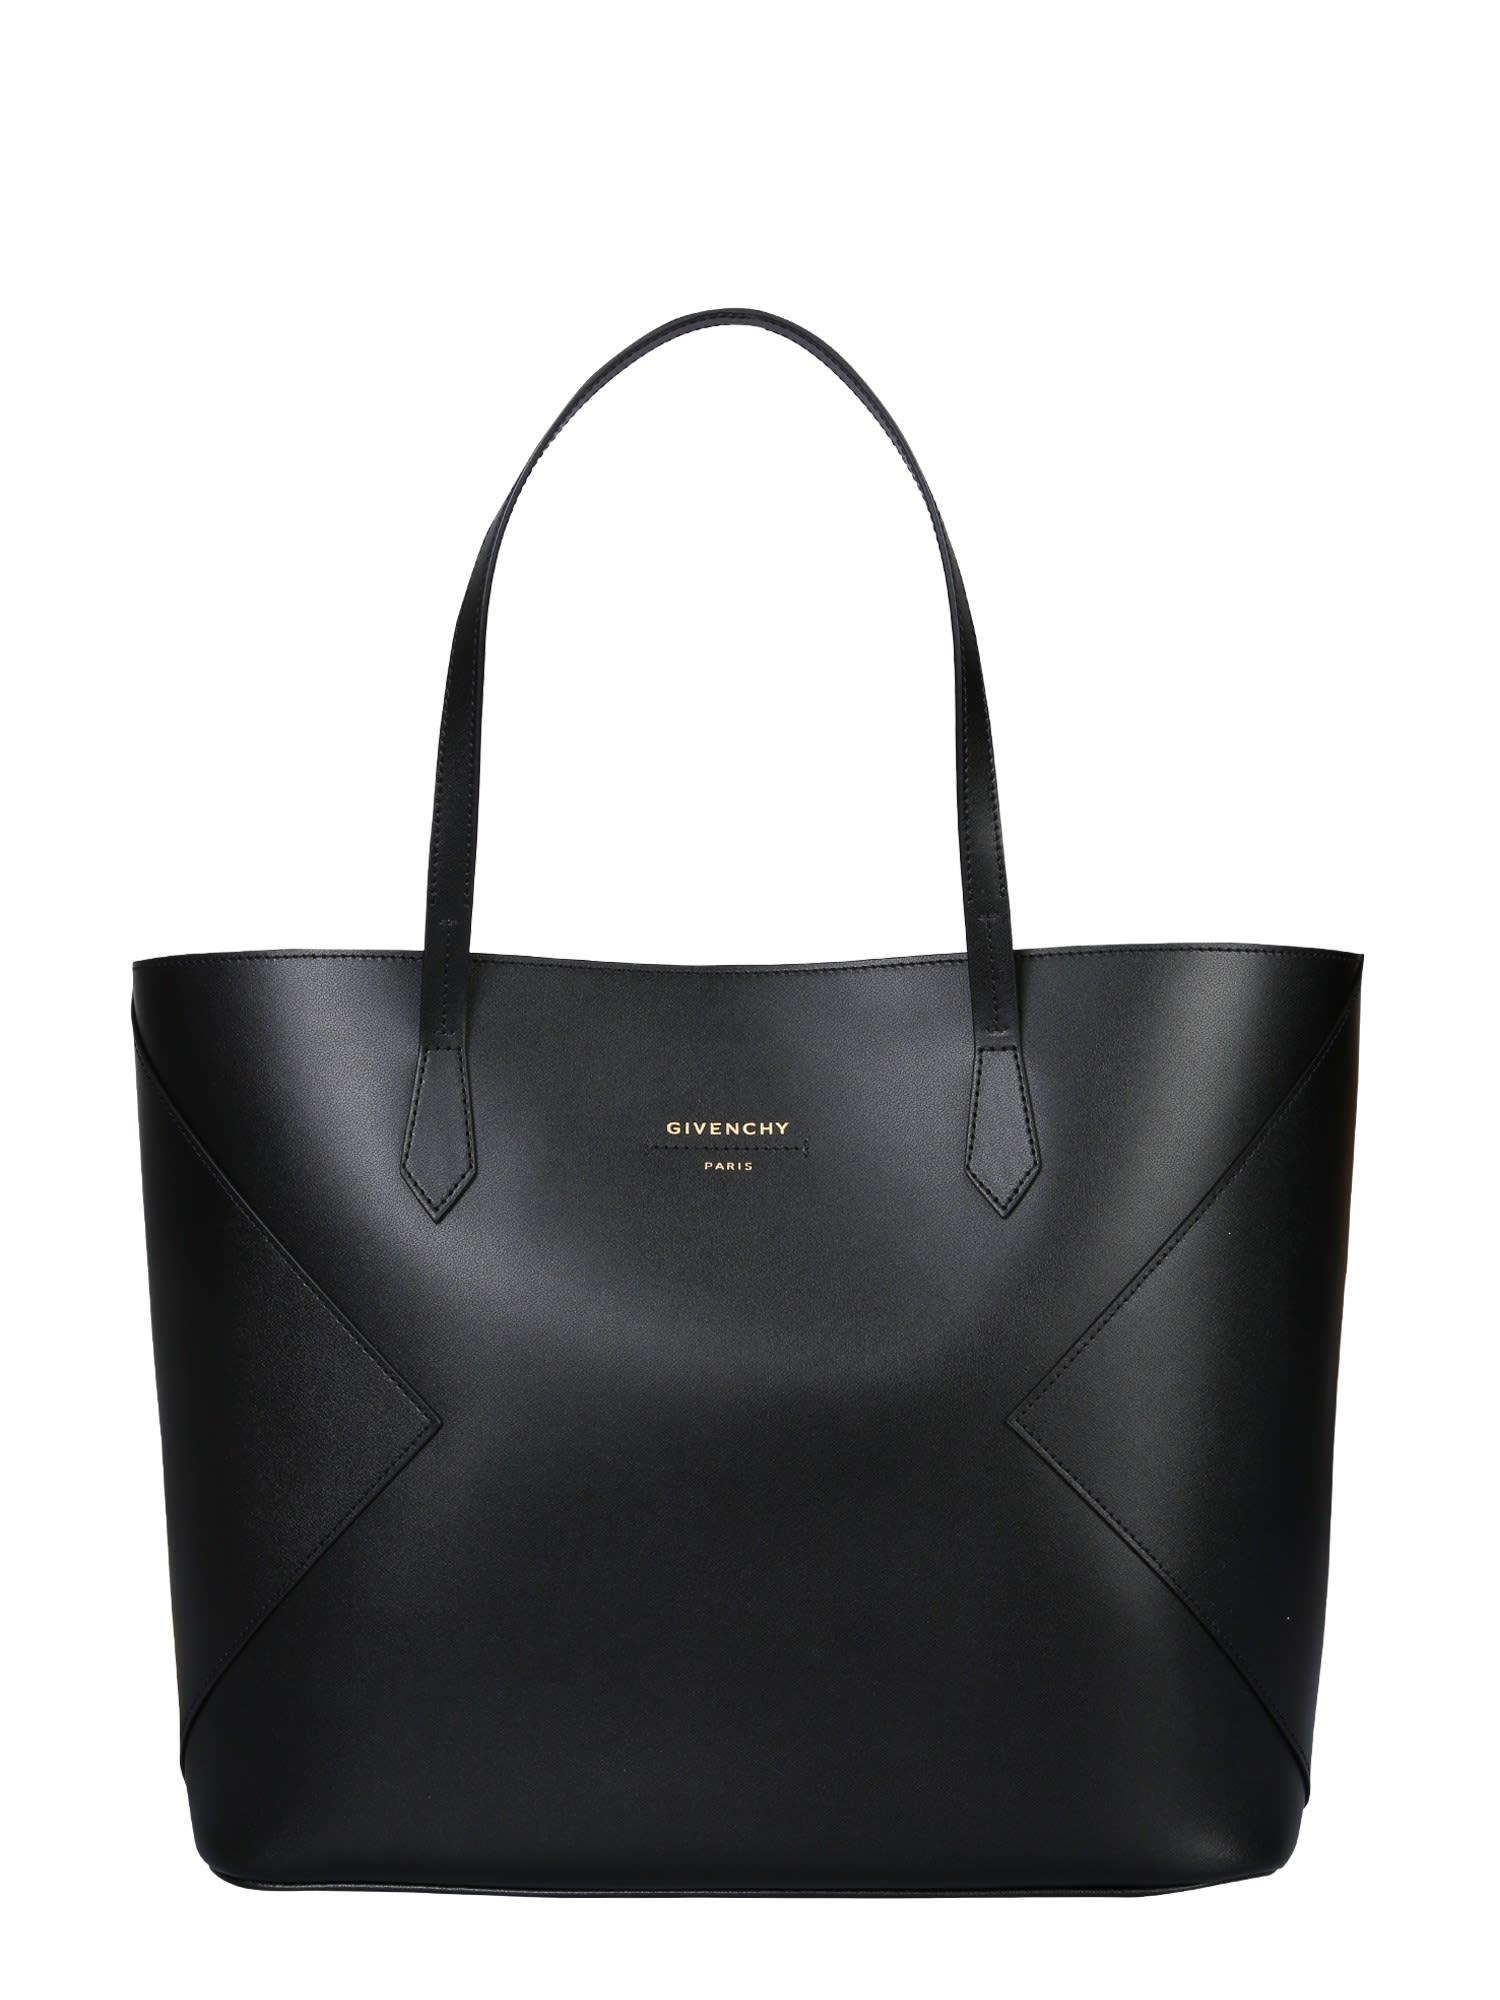 Givenchy Totes TOTE WING BAG